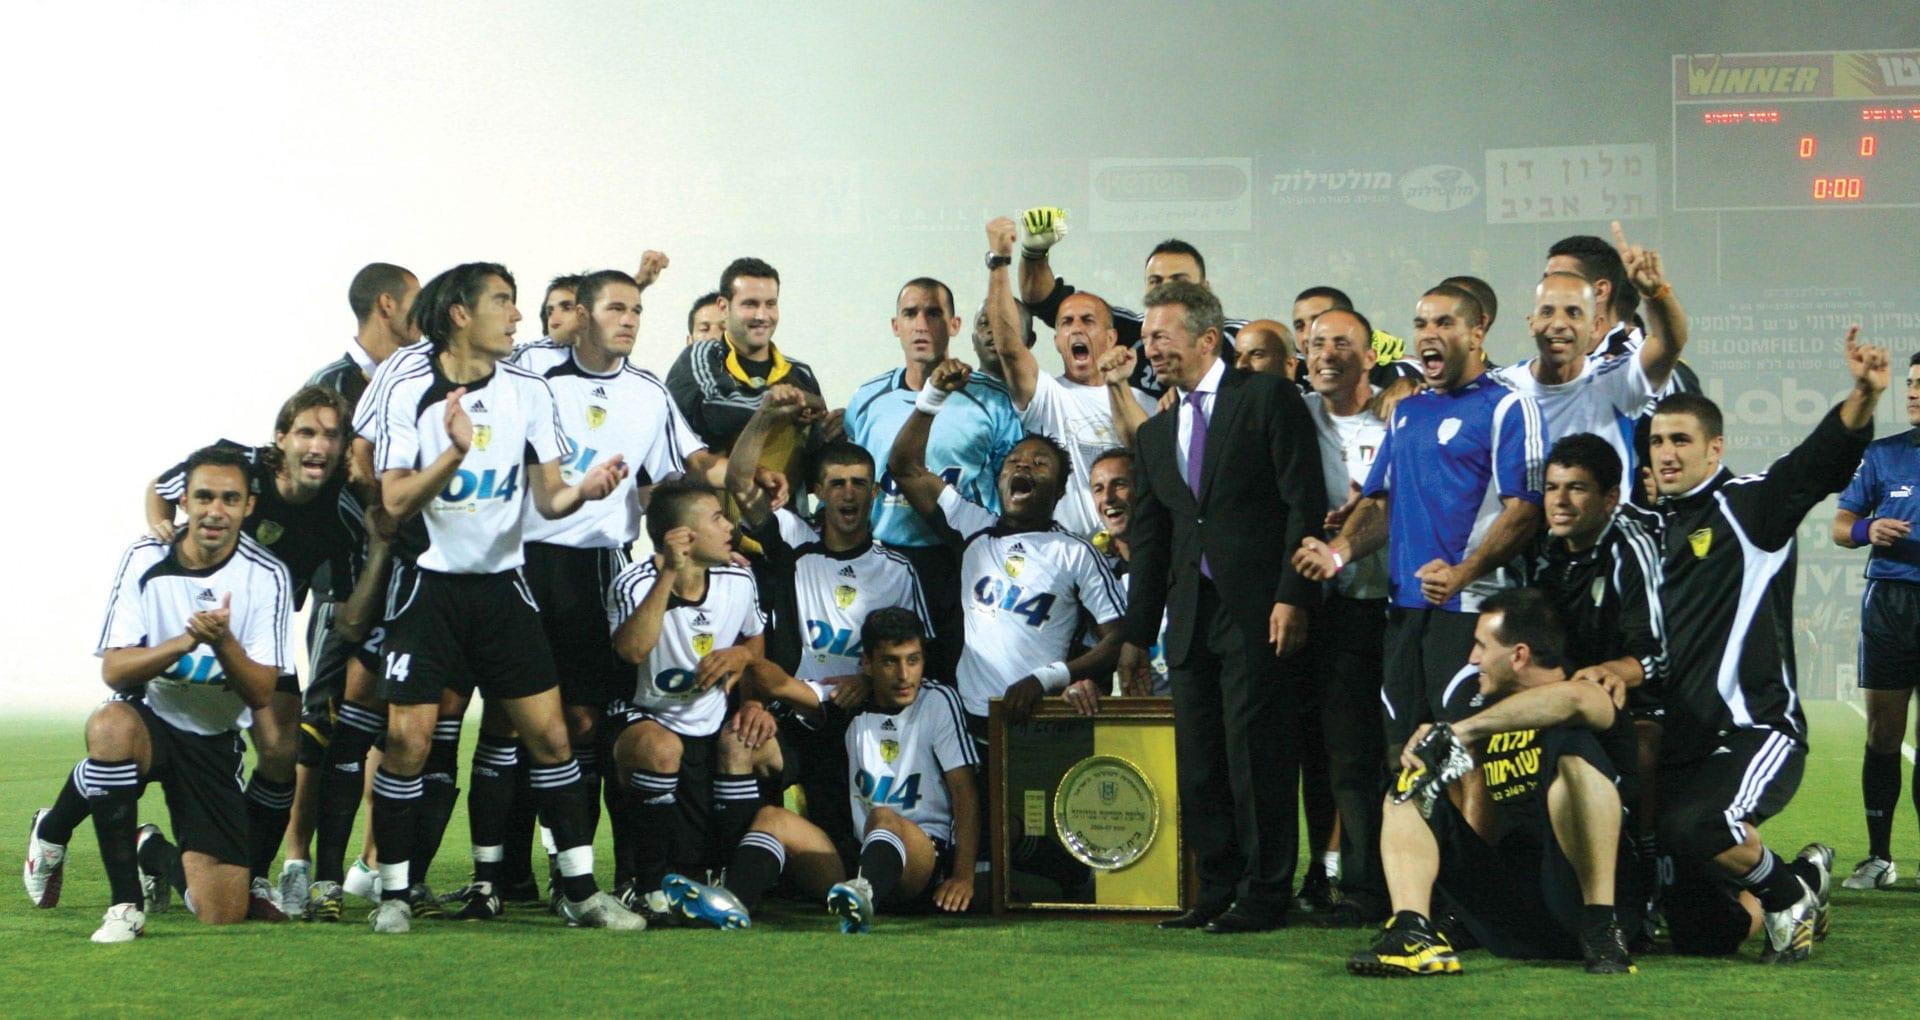 אליפות בעונת 2006-2007